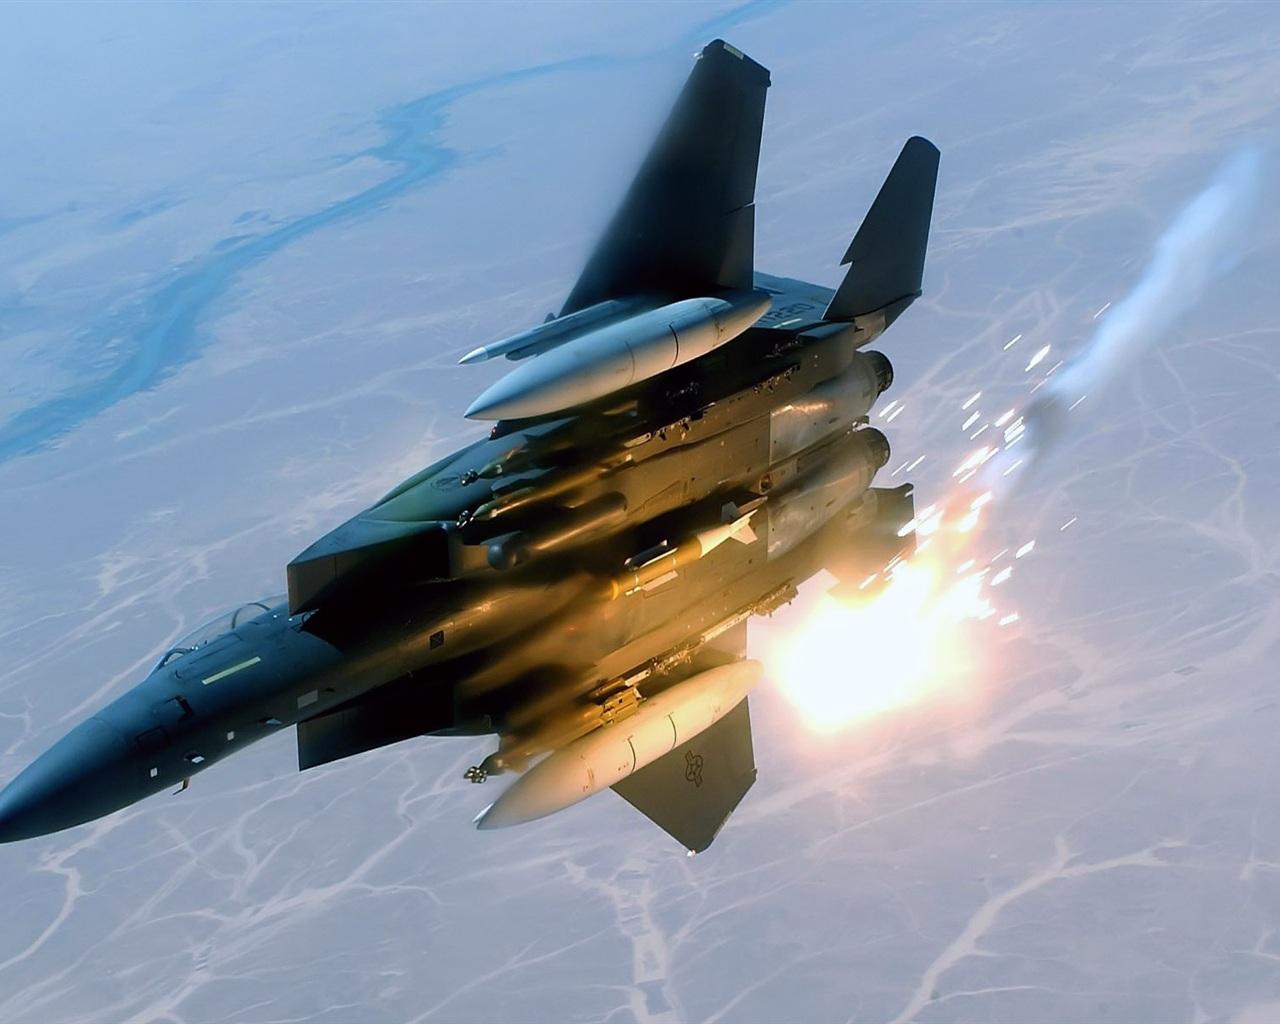 航空機のミサイル発射 壁紙 - 1280x102... 航空機のミサイル発射 壁紙